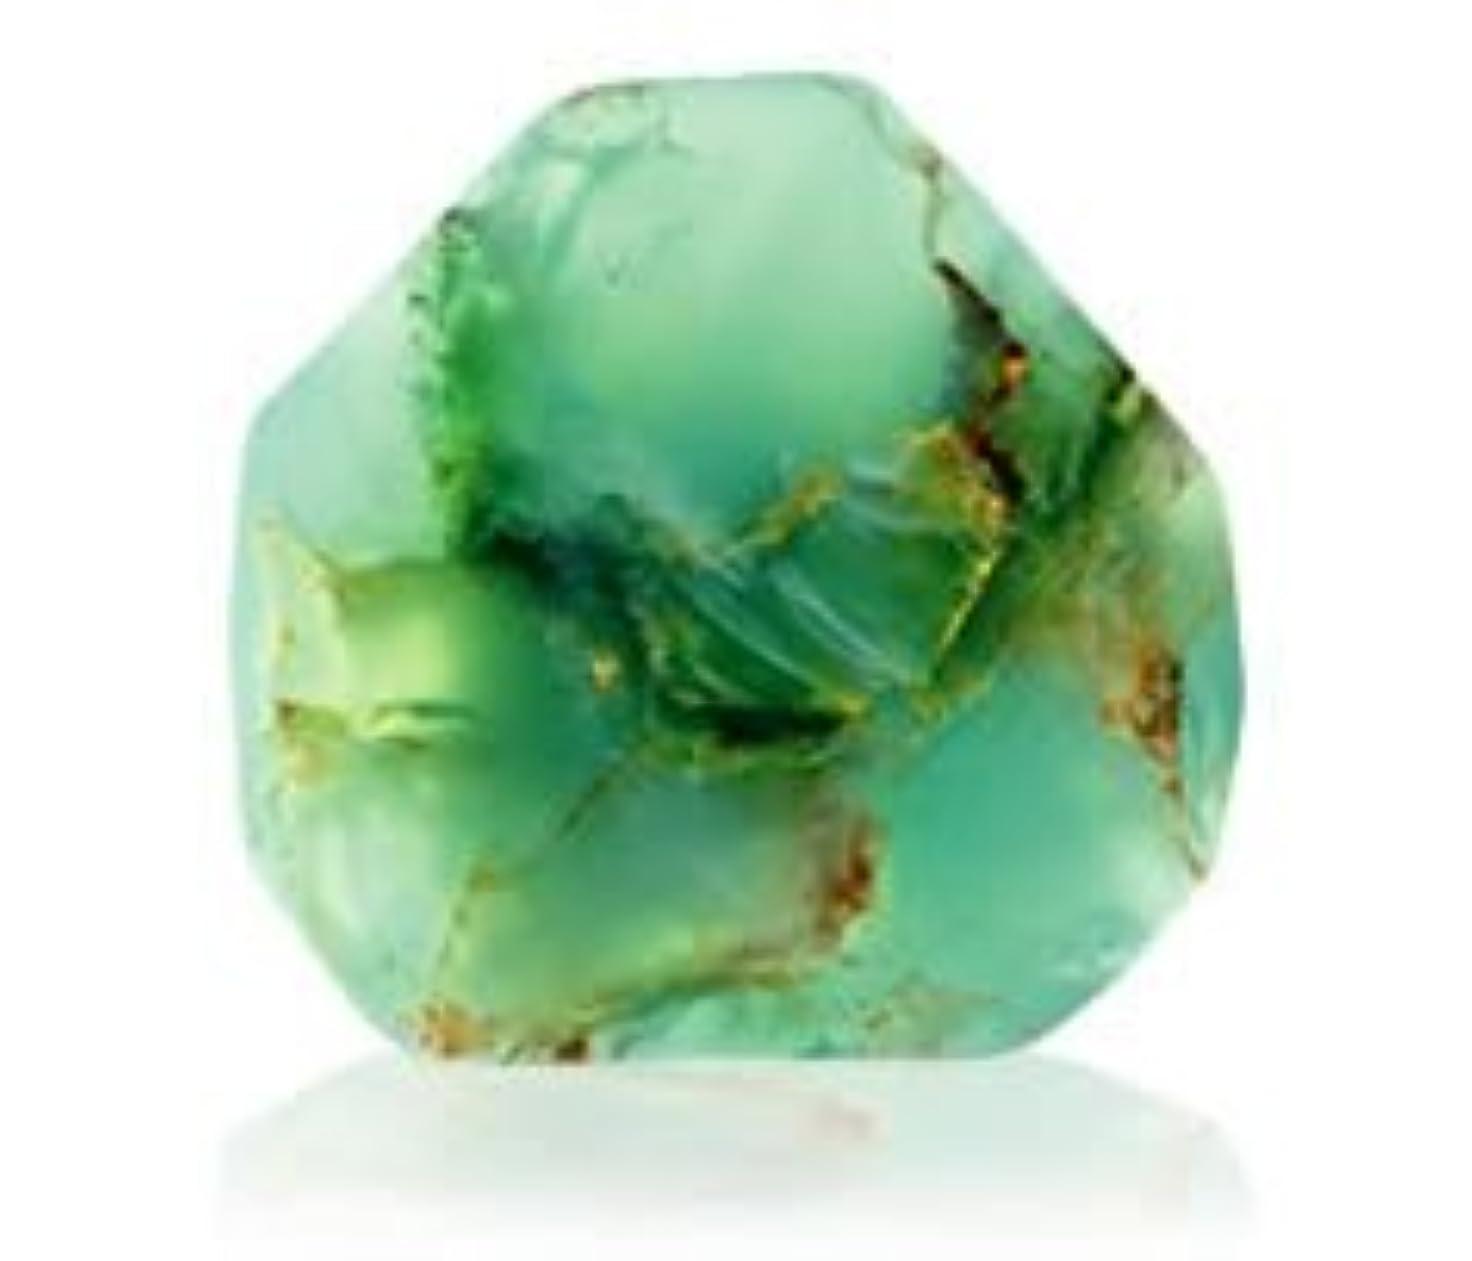 Savons Gemme サボンジェム 世界で一番美しい宝石石鹸 フレグランスソープ ジェイド 170g